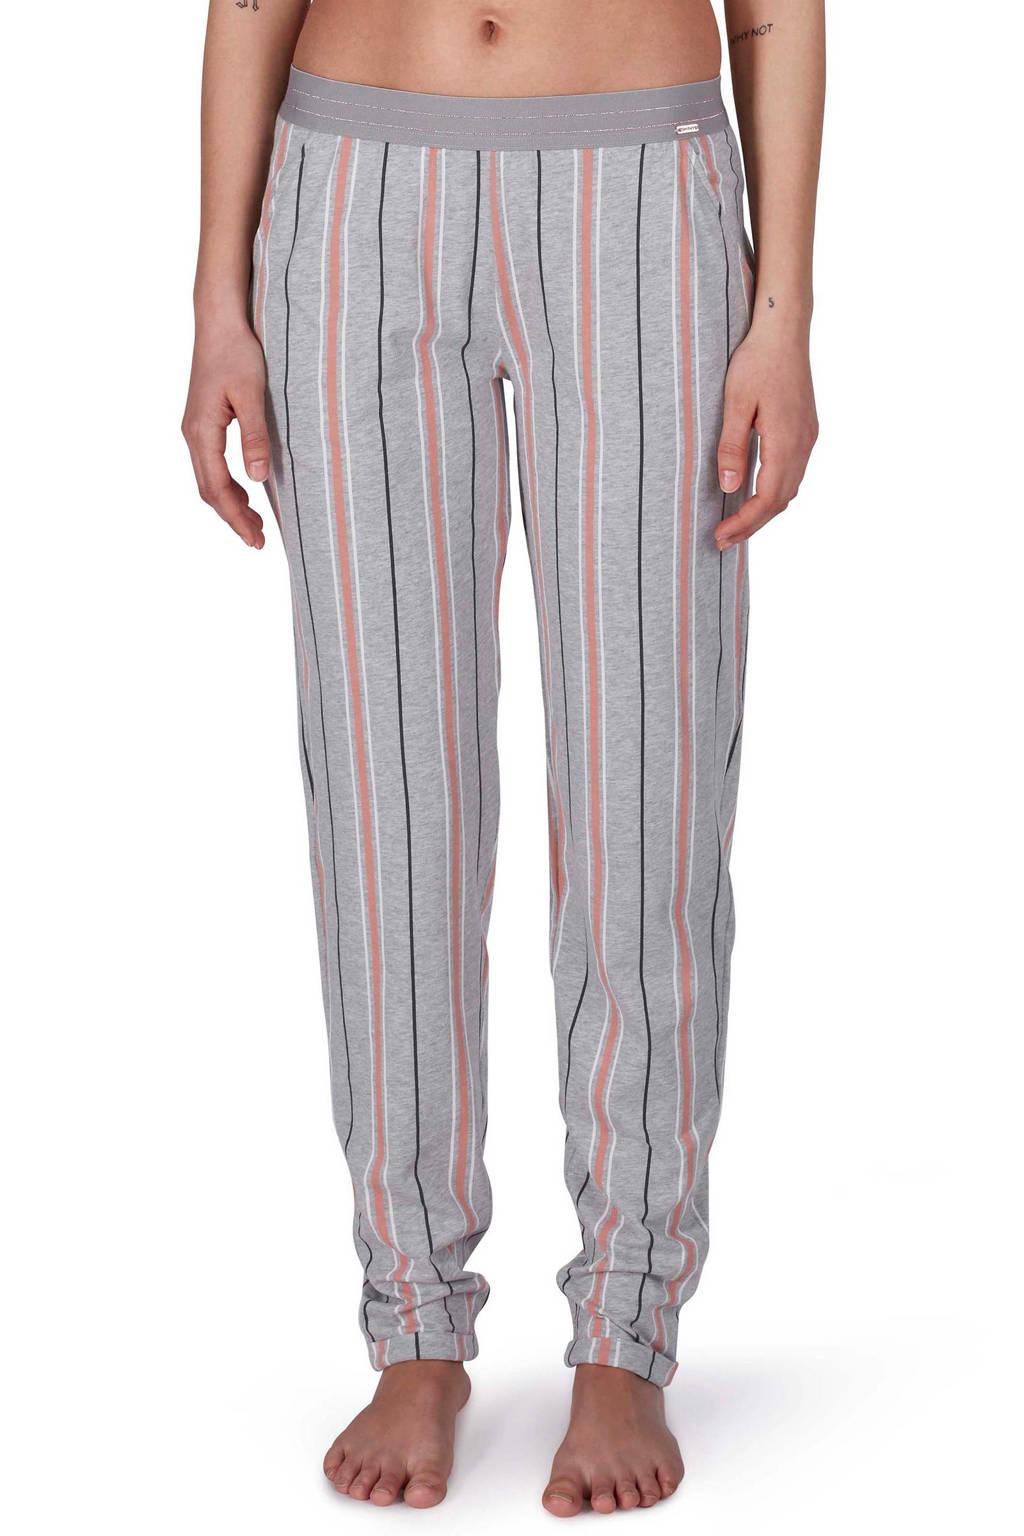 SKINY gestreepte pyjamabroek grijs/roze, Grijs/roze/wit/zwart